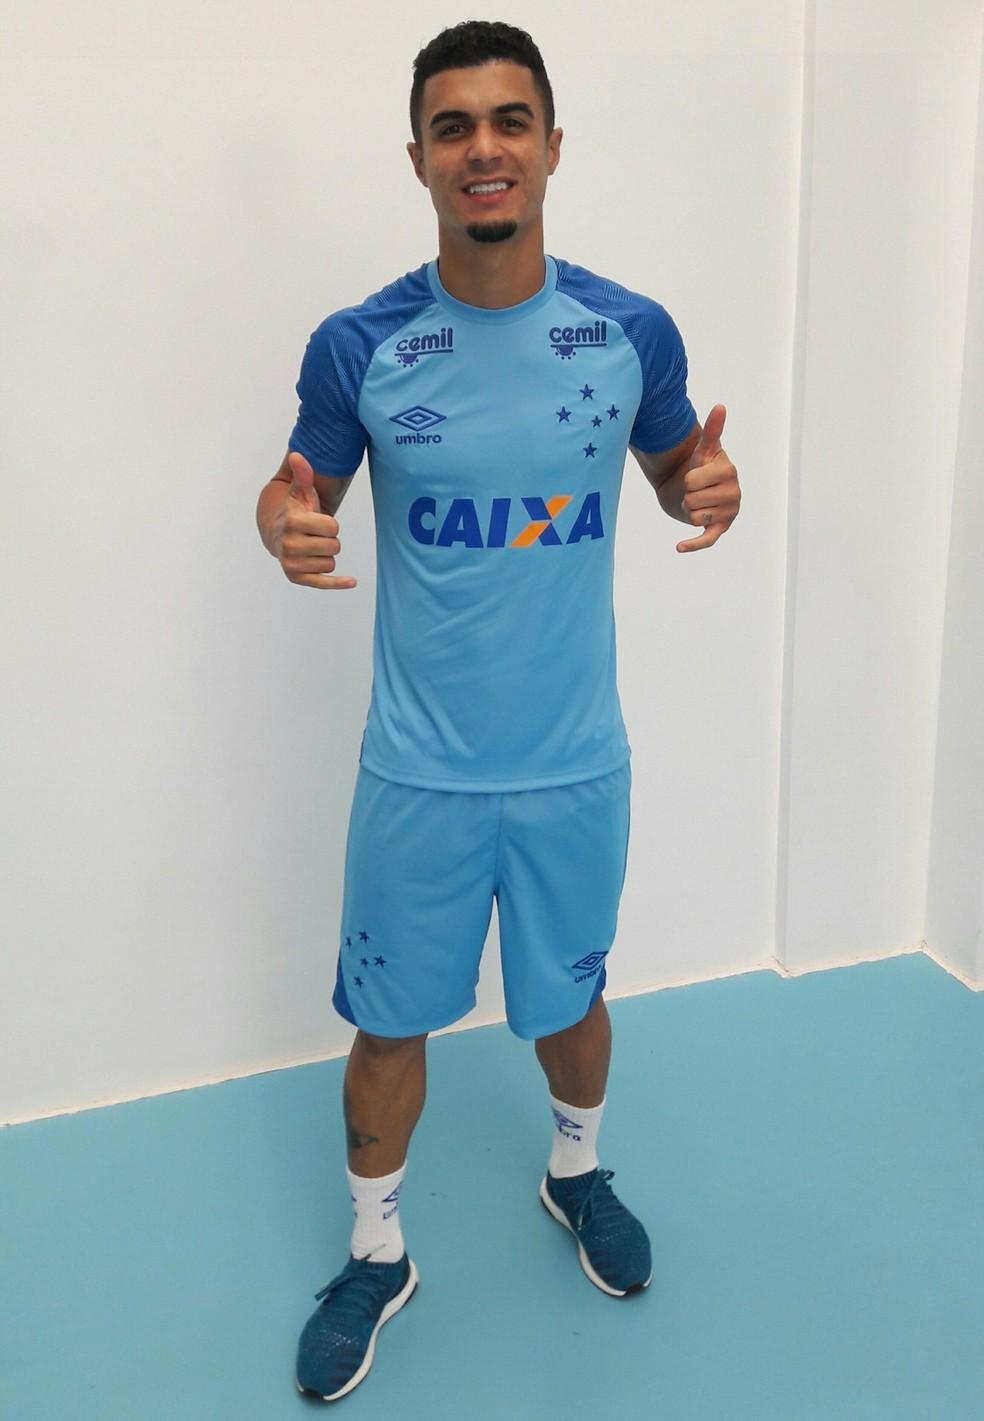 Egídio posou com novo uniforme de treino do Cruzeiro (Foto: Divulgação / Cruzeiro)